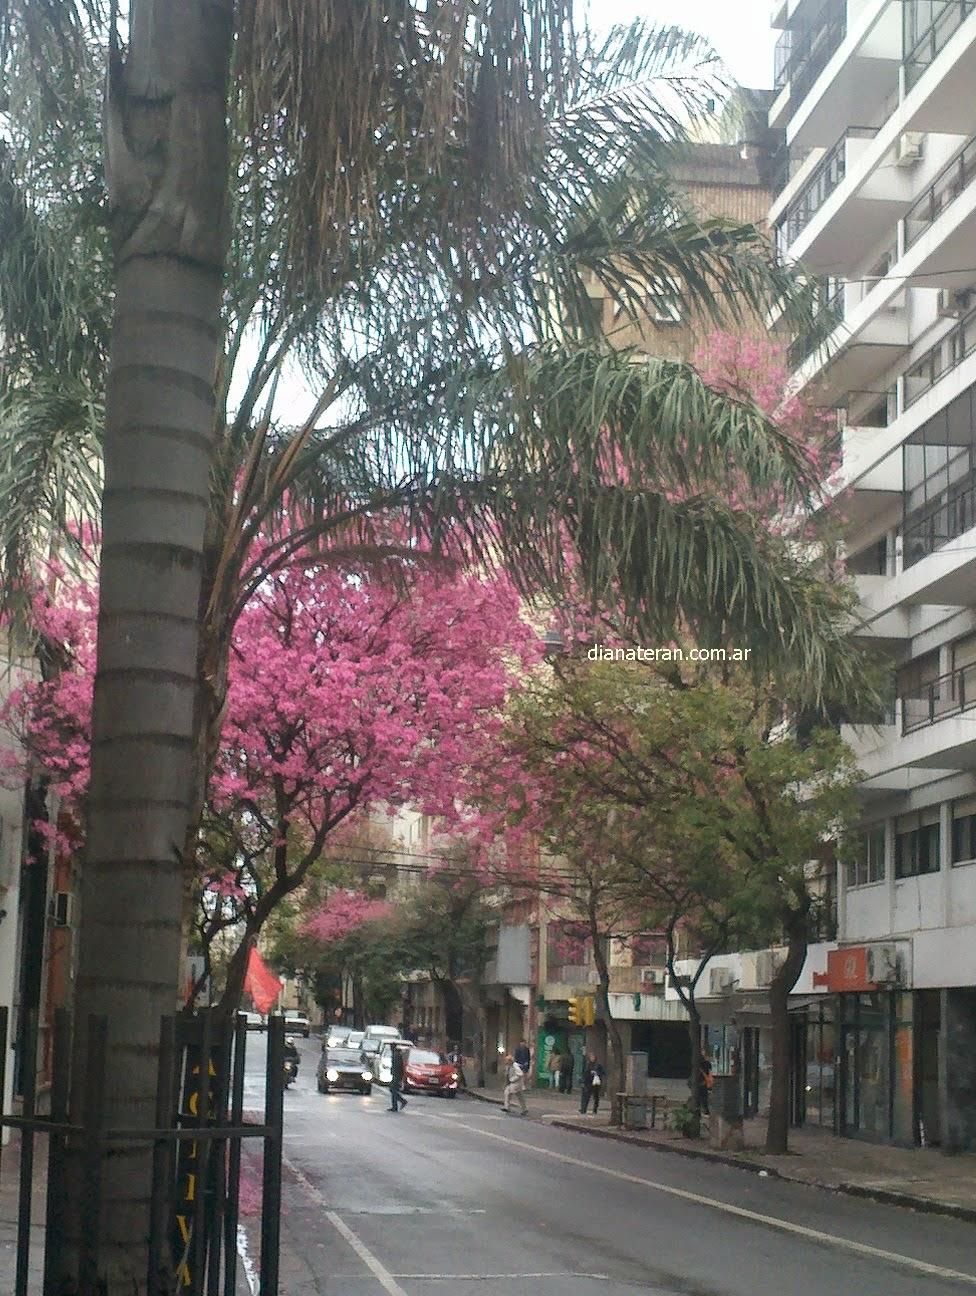 Arboles de colores_Rosario_Argentina_http://www.dianateran01.blogspot.com.ar/